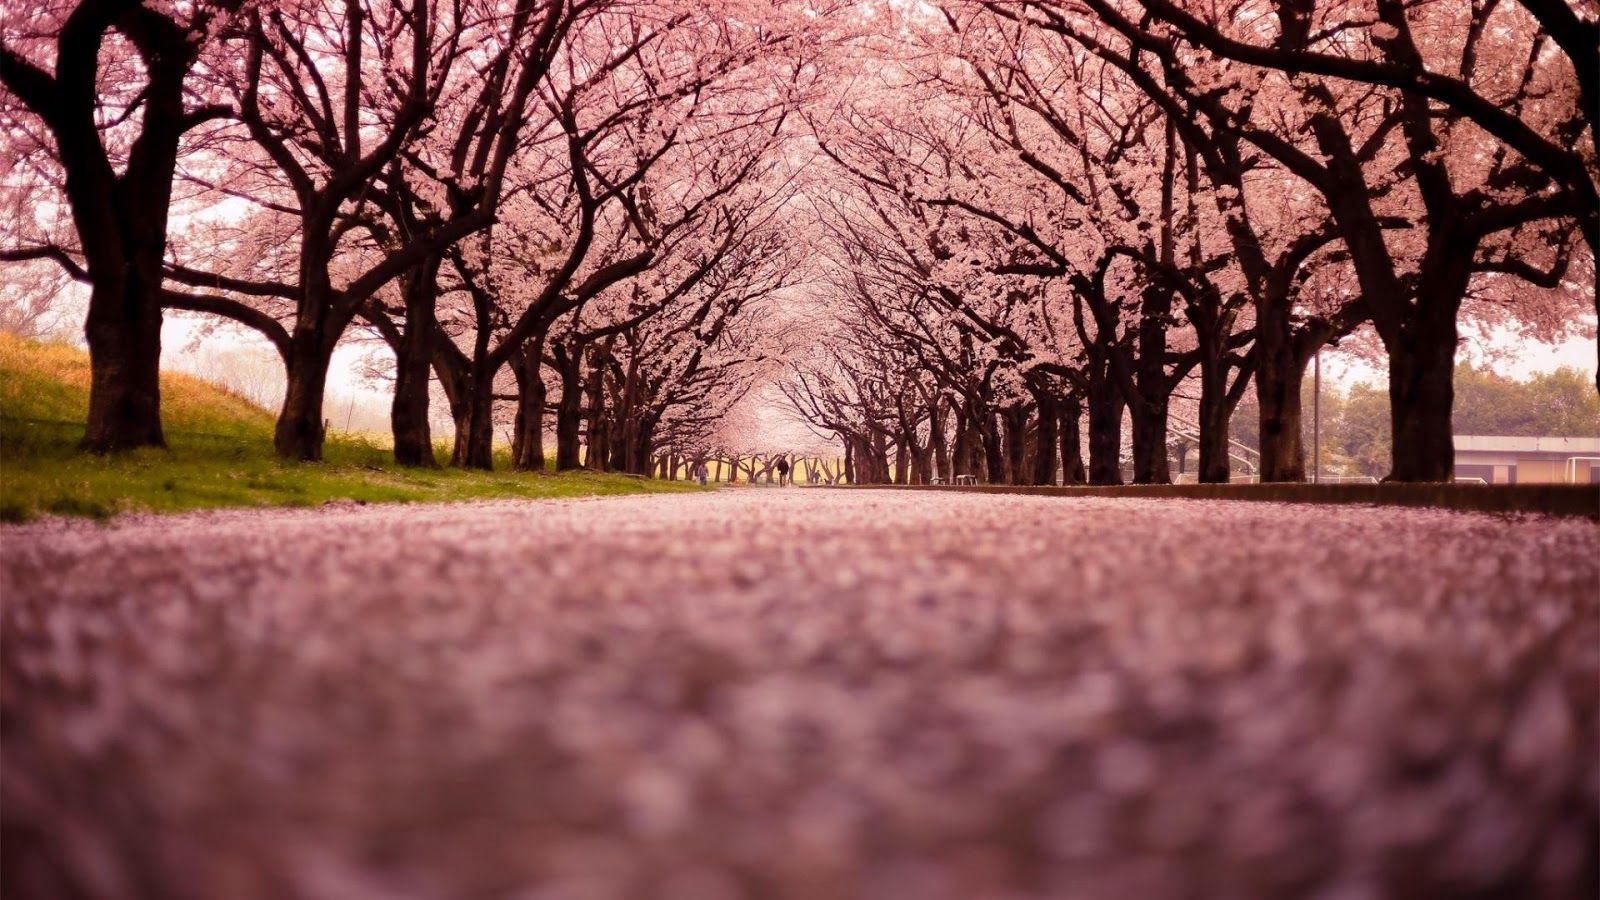 Gambar Bunga Sakura Jepang Indah Cantik - Gambar Kata Kata  Hd